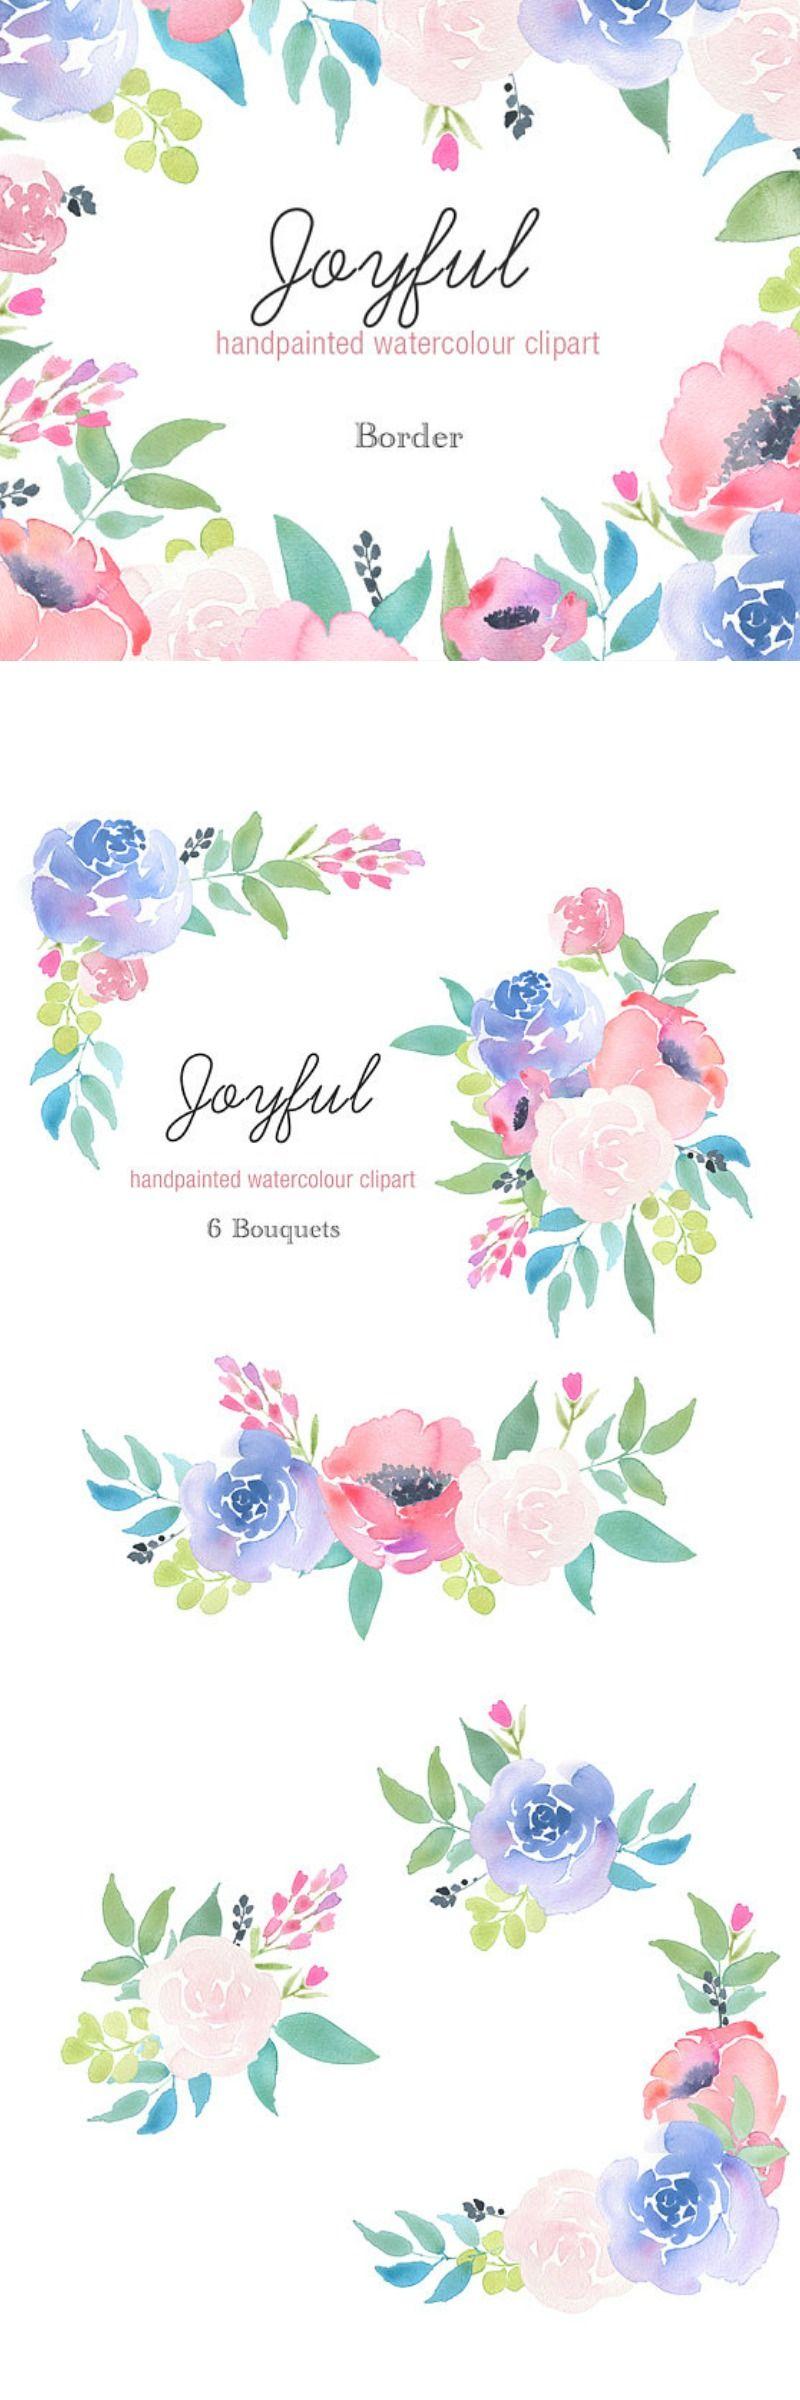 Watercolor Clip Art Floral Frames Borders Flower Elements